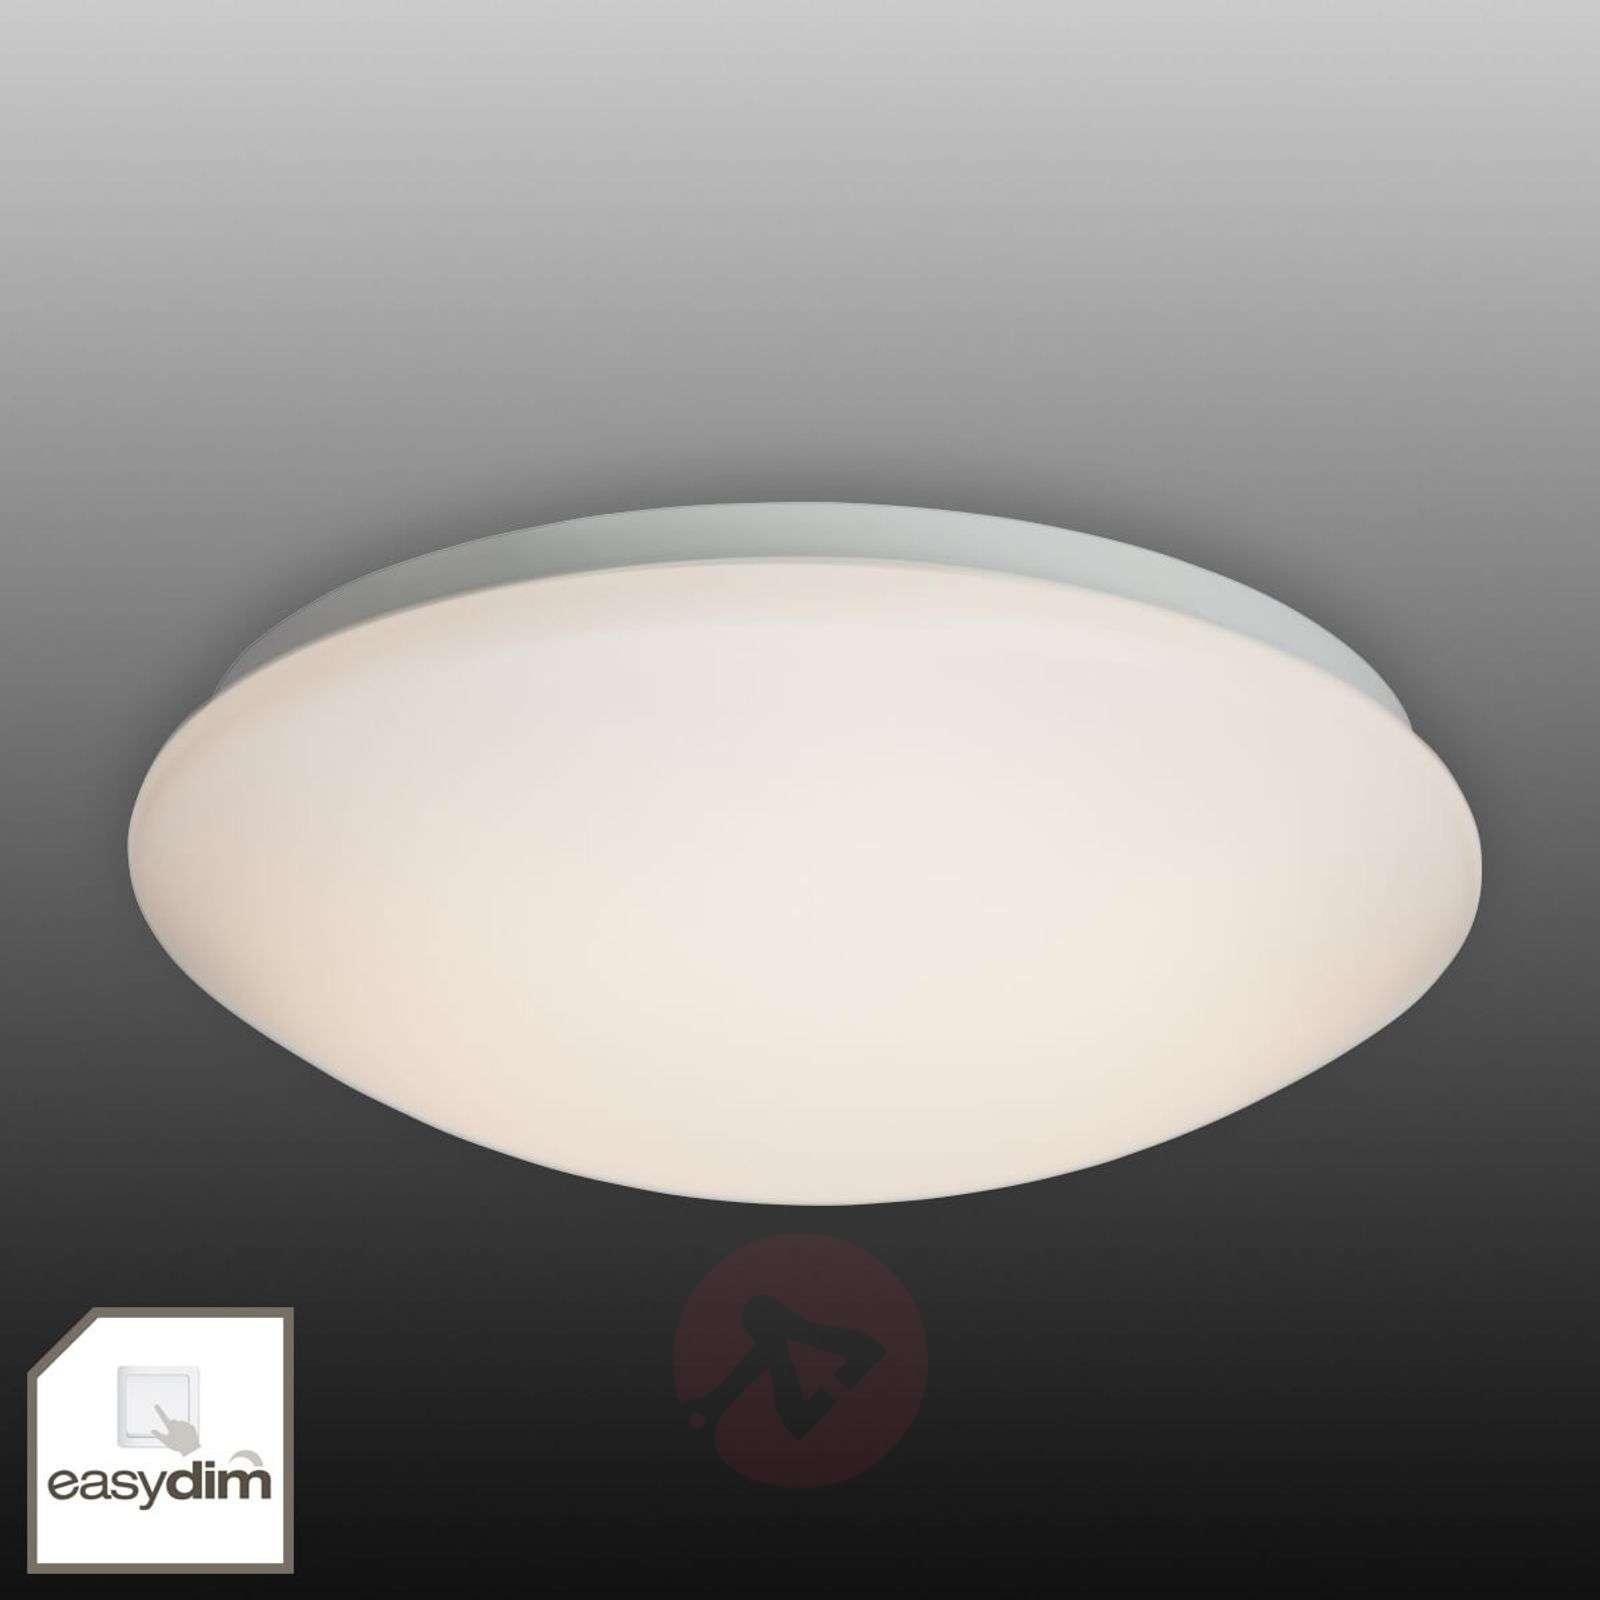 Mension himmennettävä LED-kattovalaisin, 33 cm-3057074-04